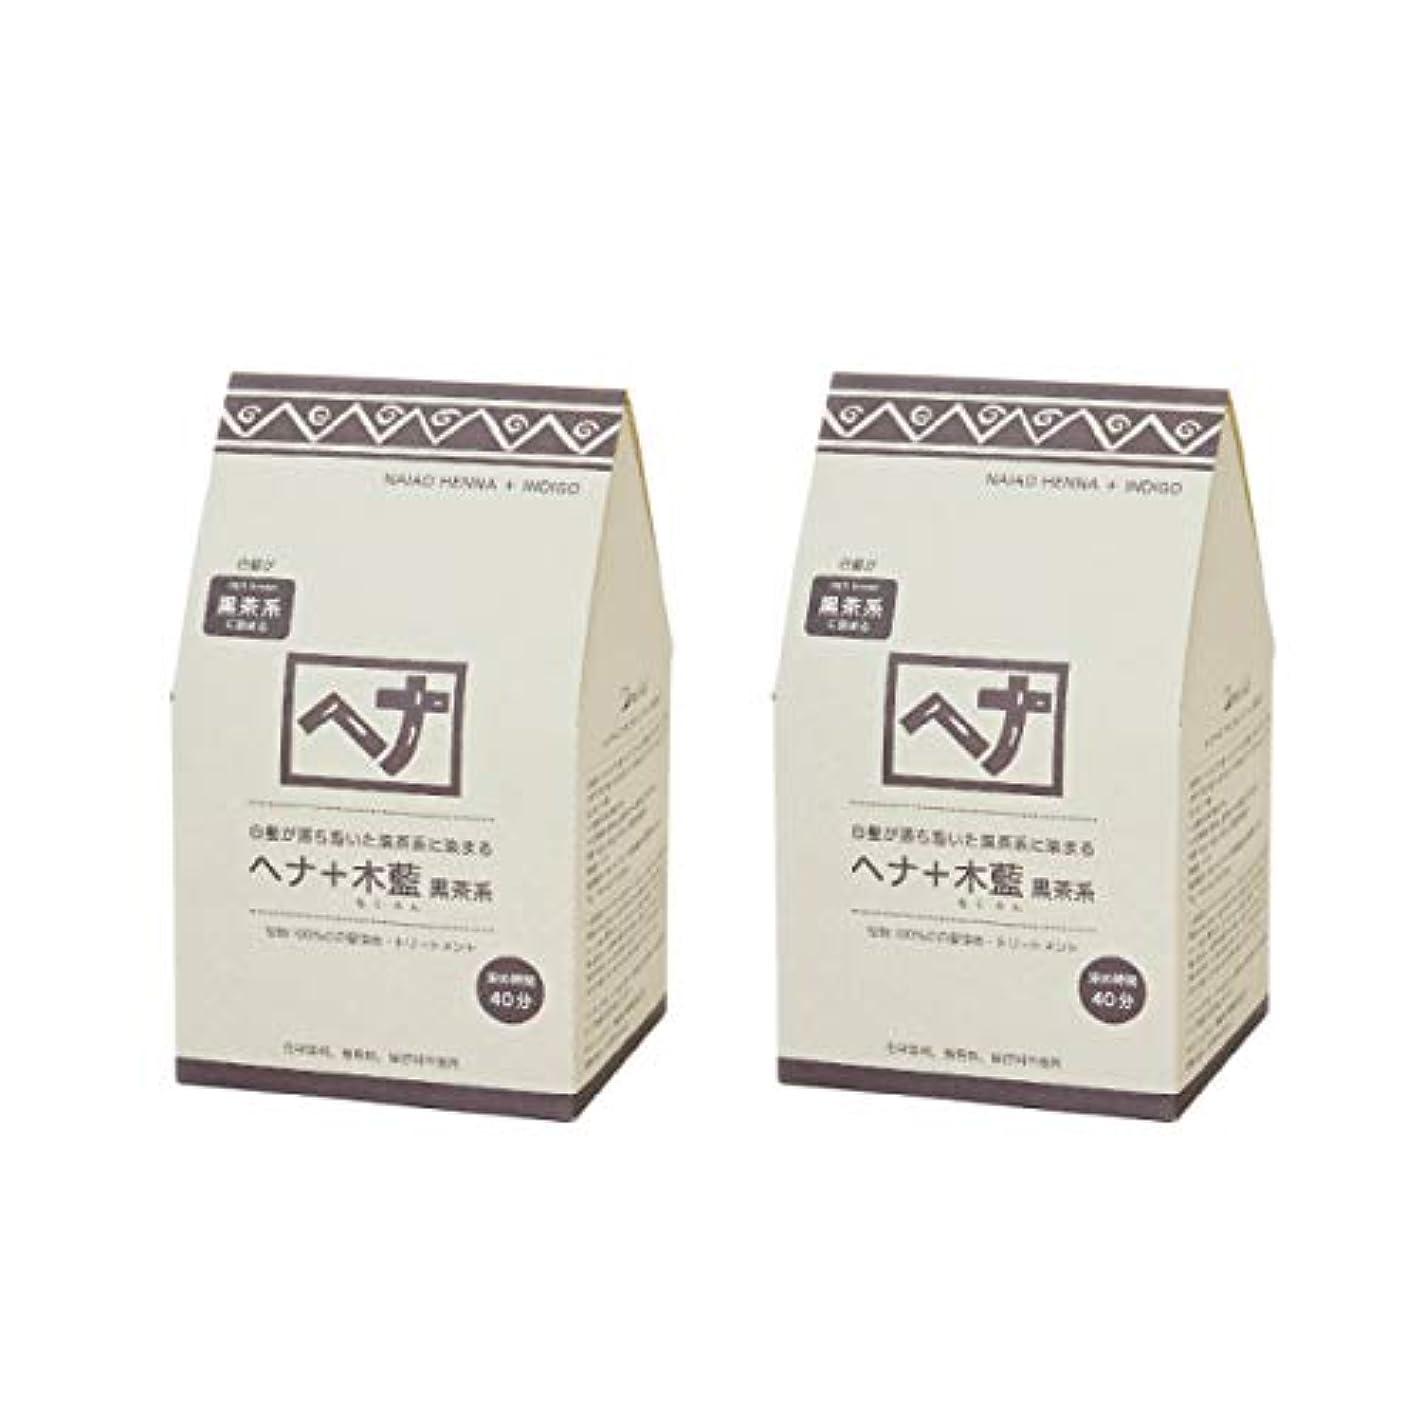 後退する気配りのある地理ナイアード ヘナ+木藍(黒茶系)400g(100g×4袋)×2個セット+アレッポの石鹸1個プレゼント